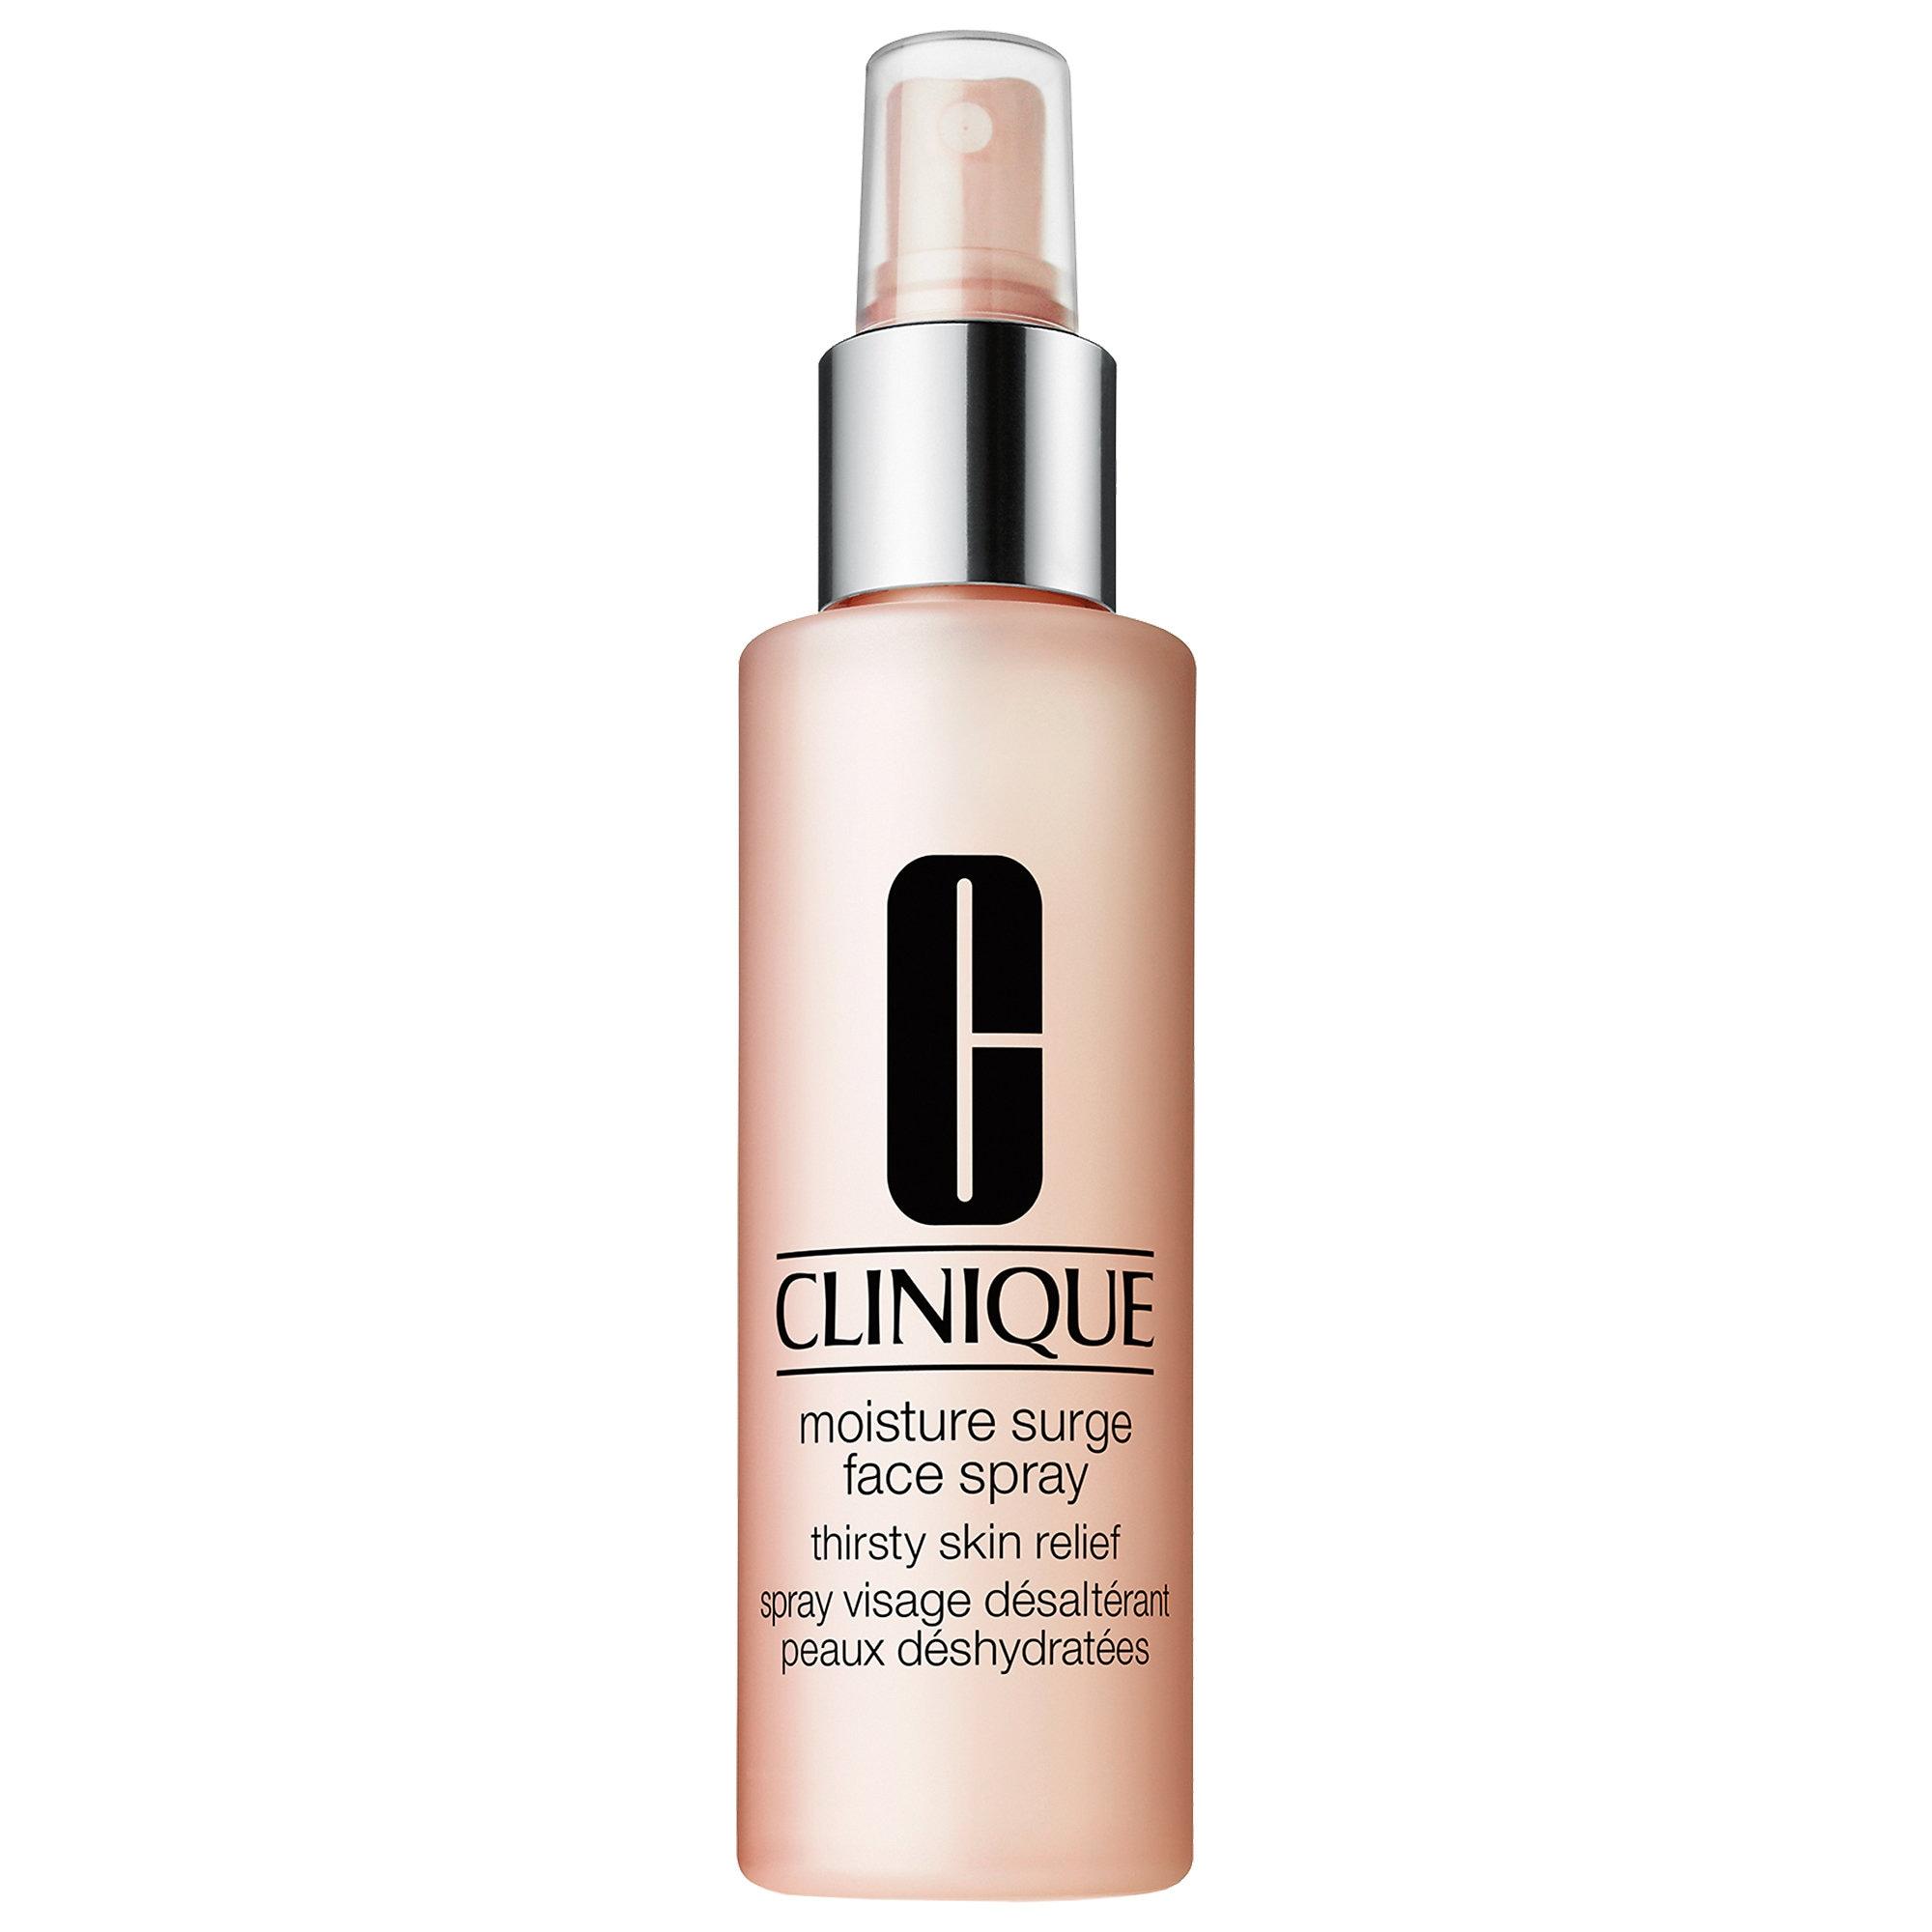 Clinique - Moisture Surge Face Spray